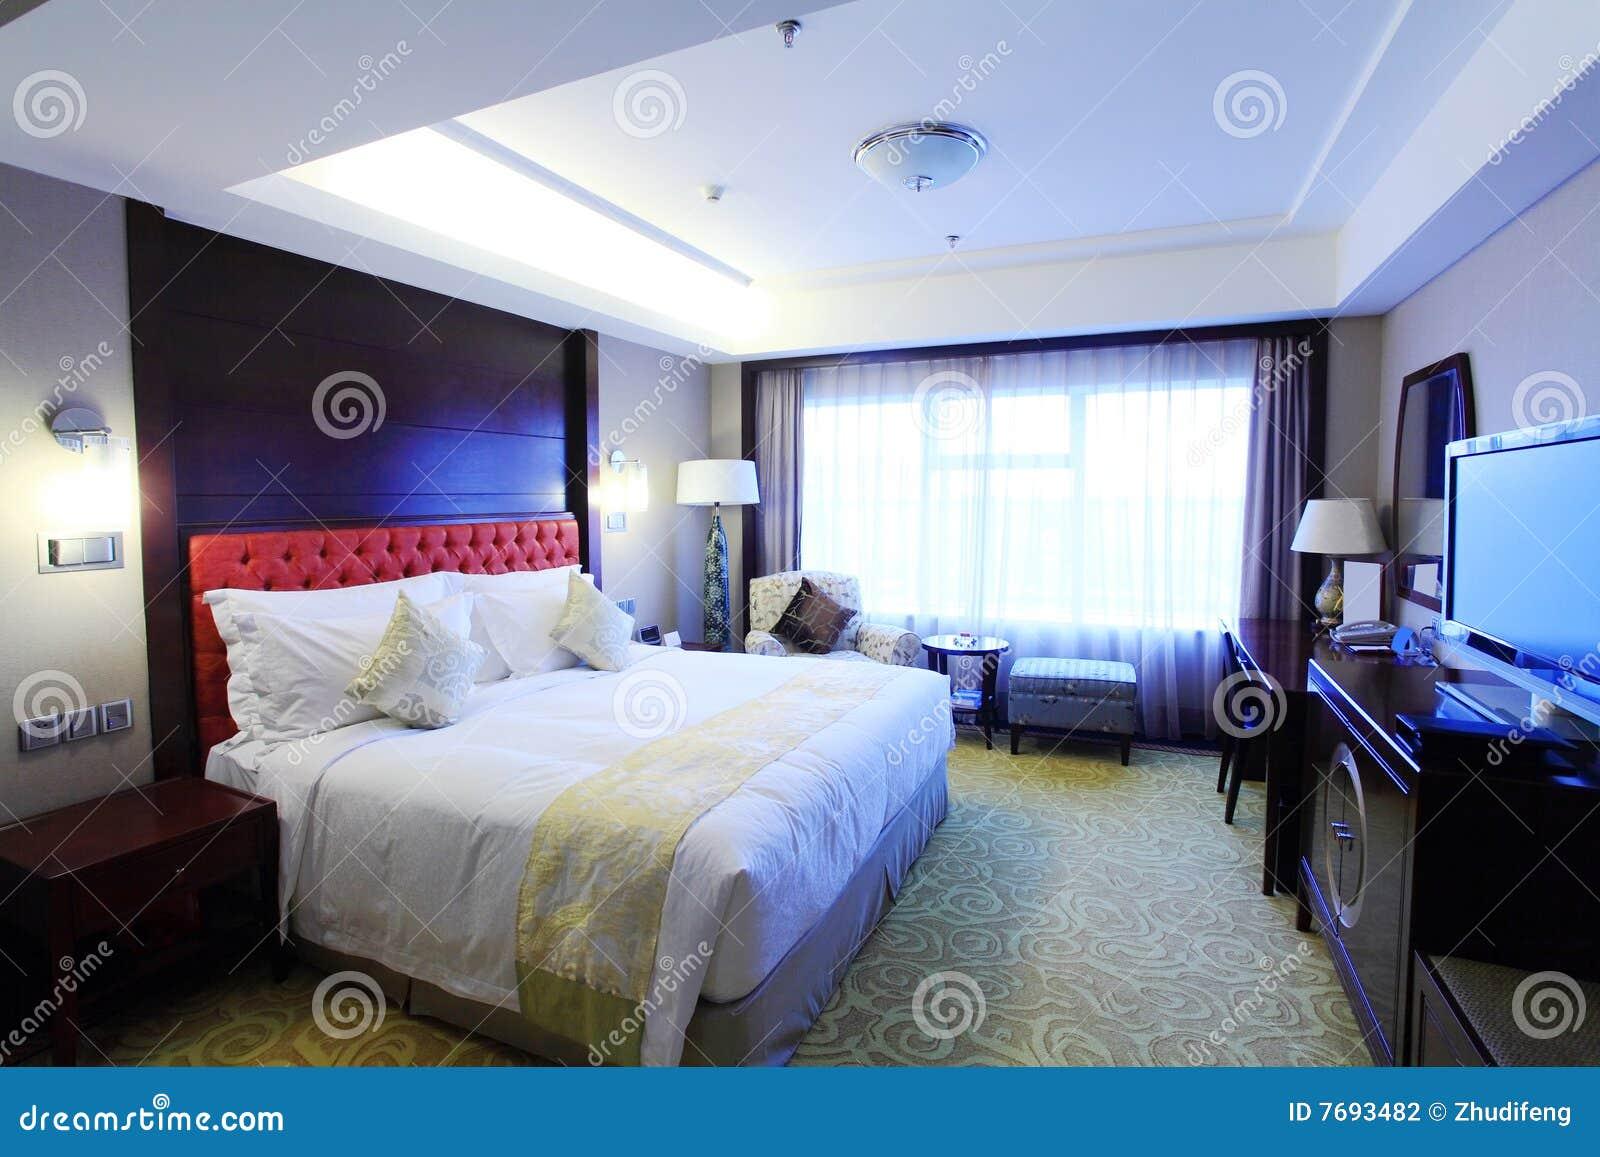 Bed In Woonkamer : Bed in woonkamer stock foto afbeelding bestaande uit ruimte